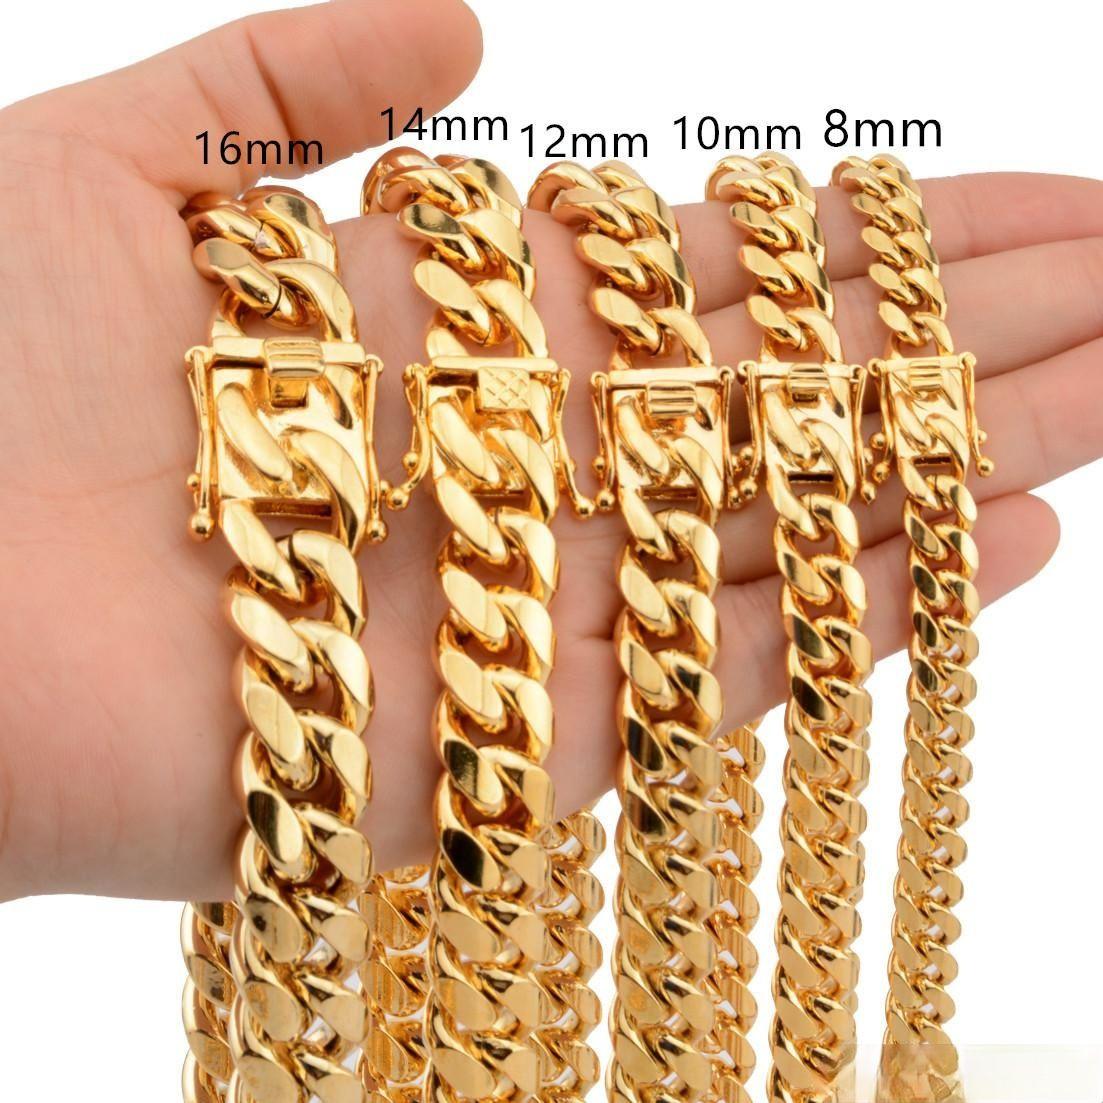 8 ملليمتر / 10 ملليمتر / 12 ملليمتر / 14 ملليمتر / 16 ملليمتر القلائد ميامي كوباني رابط سلاسل الفولاذ المقاوم للصدأ رجل 14K الذهب سلسلة عالية مصقول